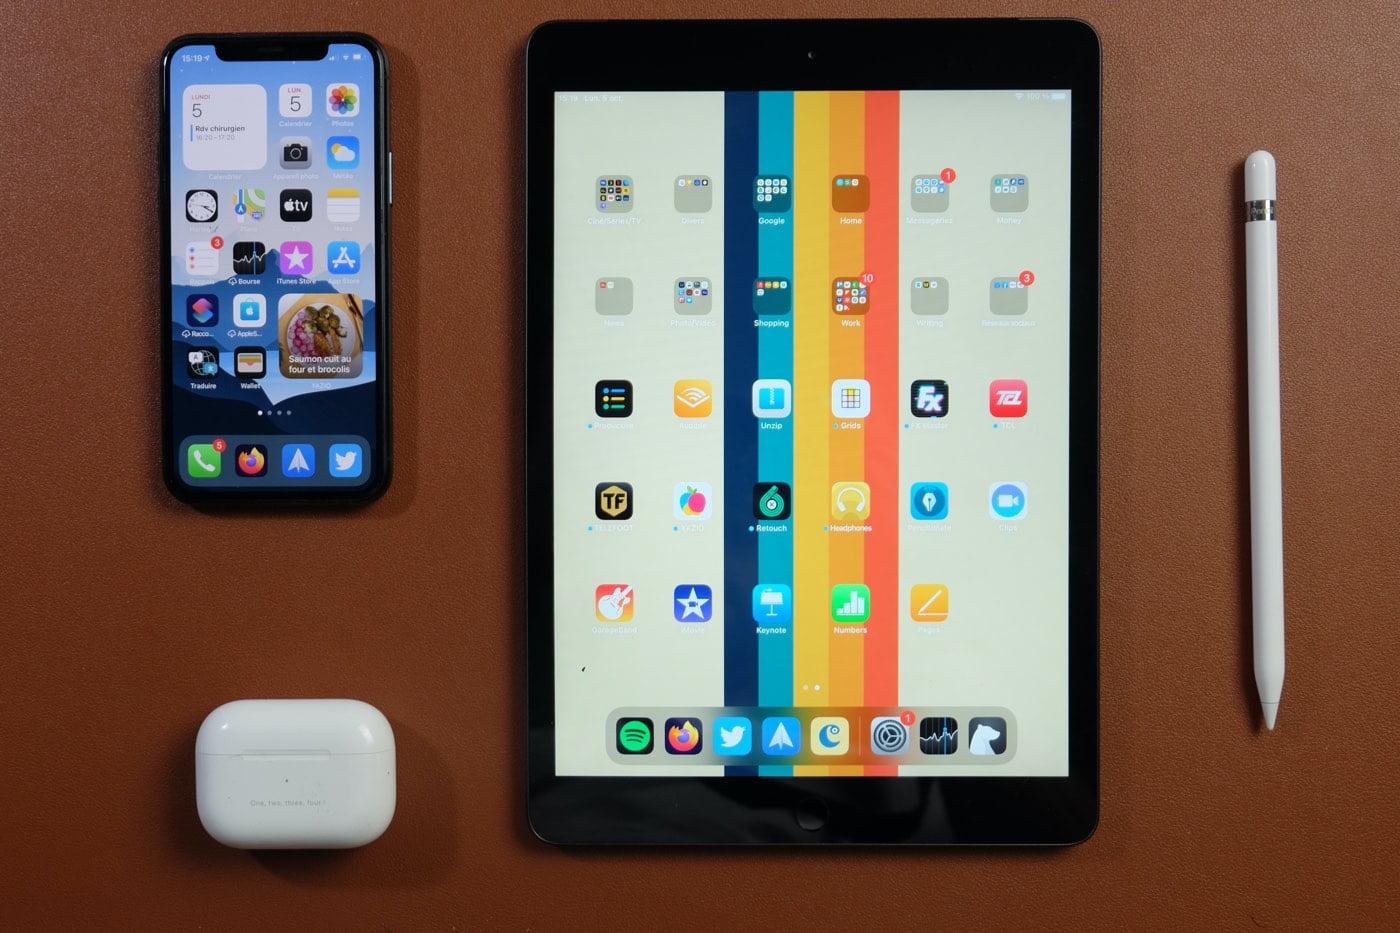 Zoom a dû négocier avec Apple pour un accès spécial à la caméra